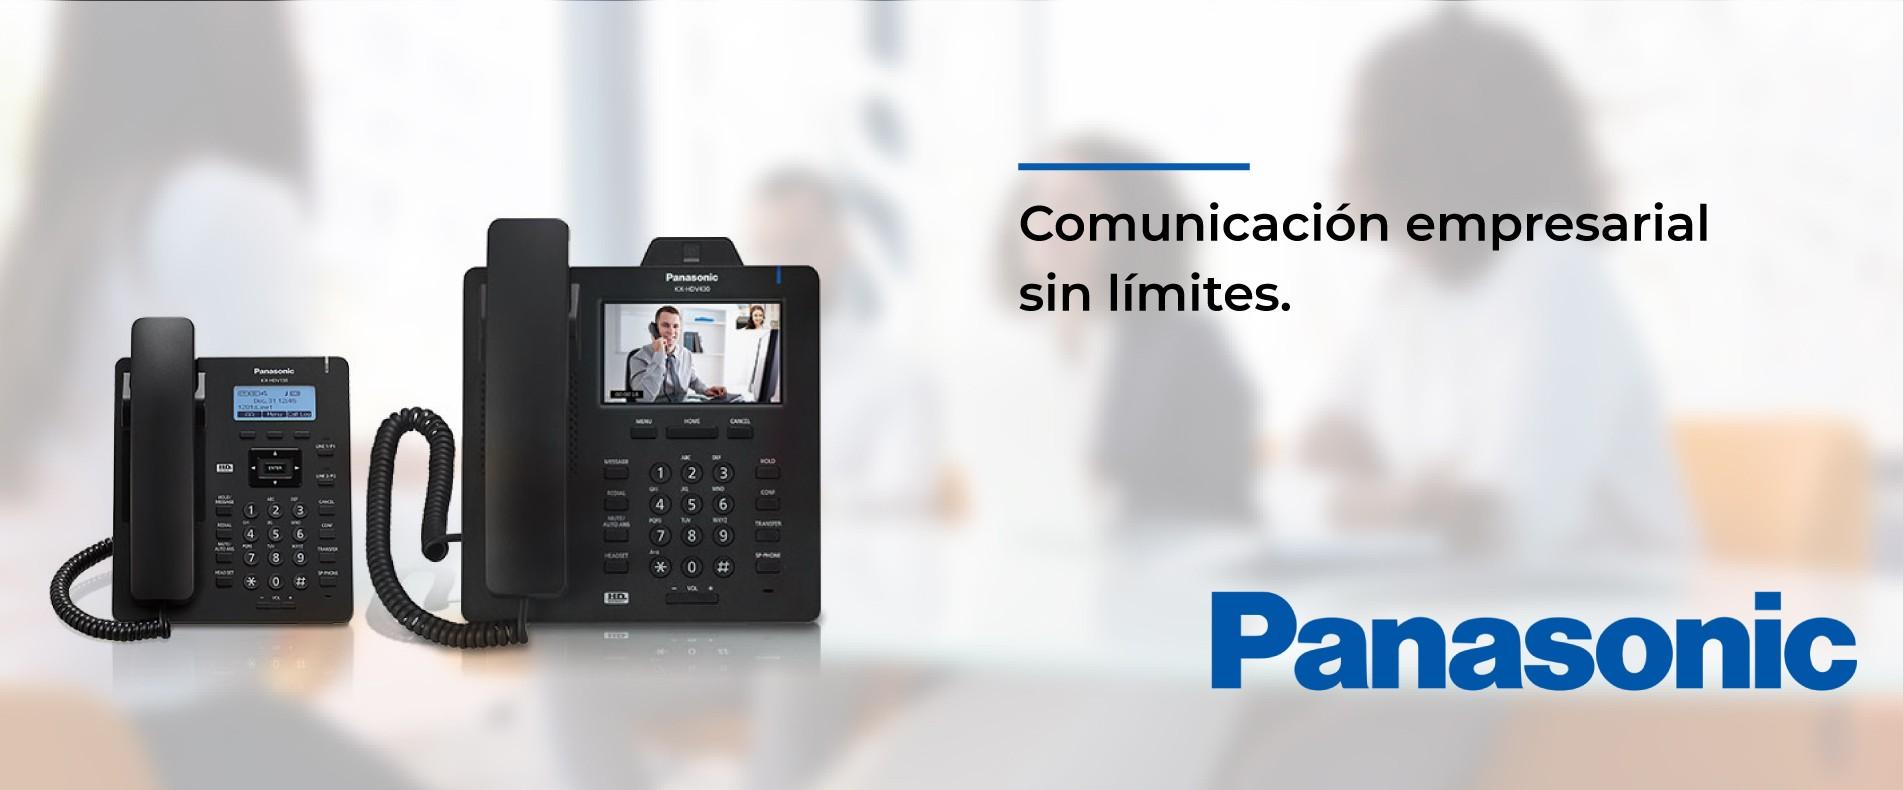 Comunicación empresarial sin límites.